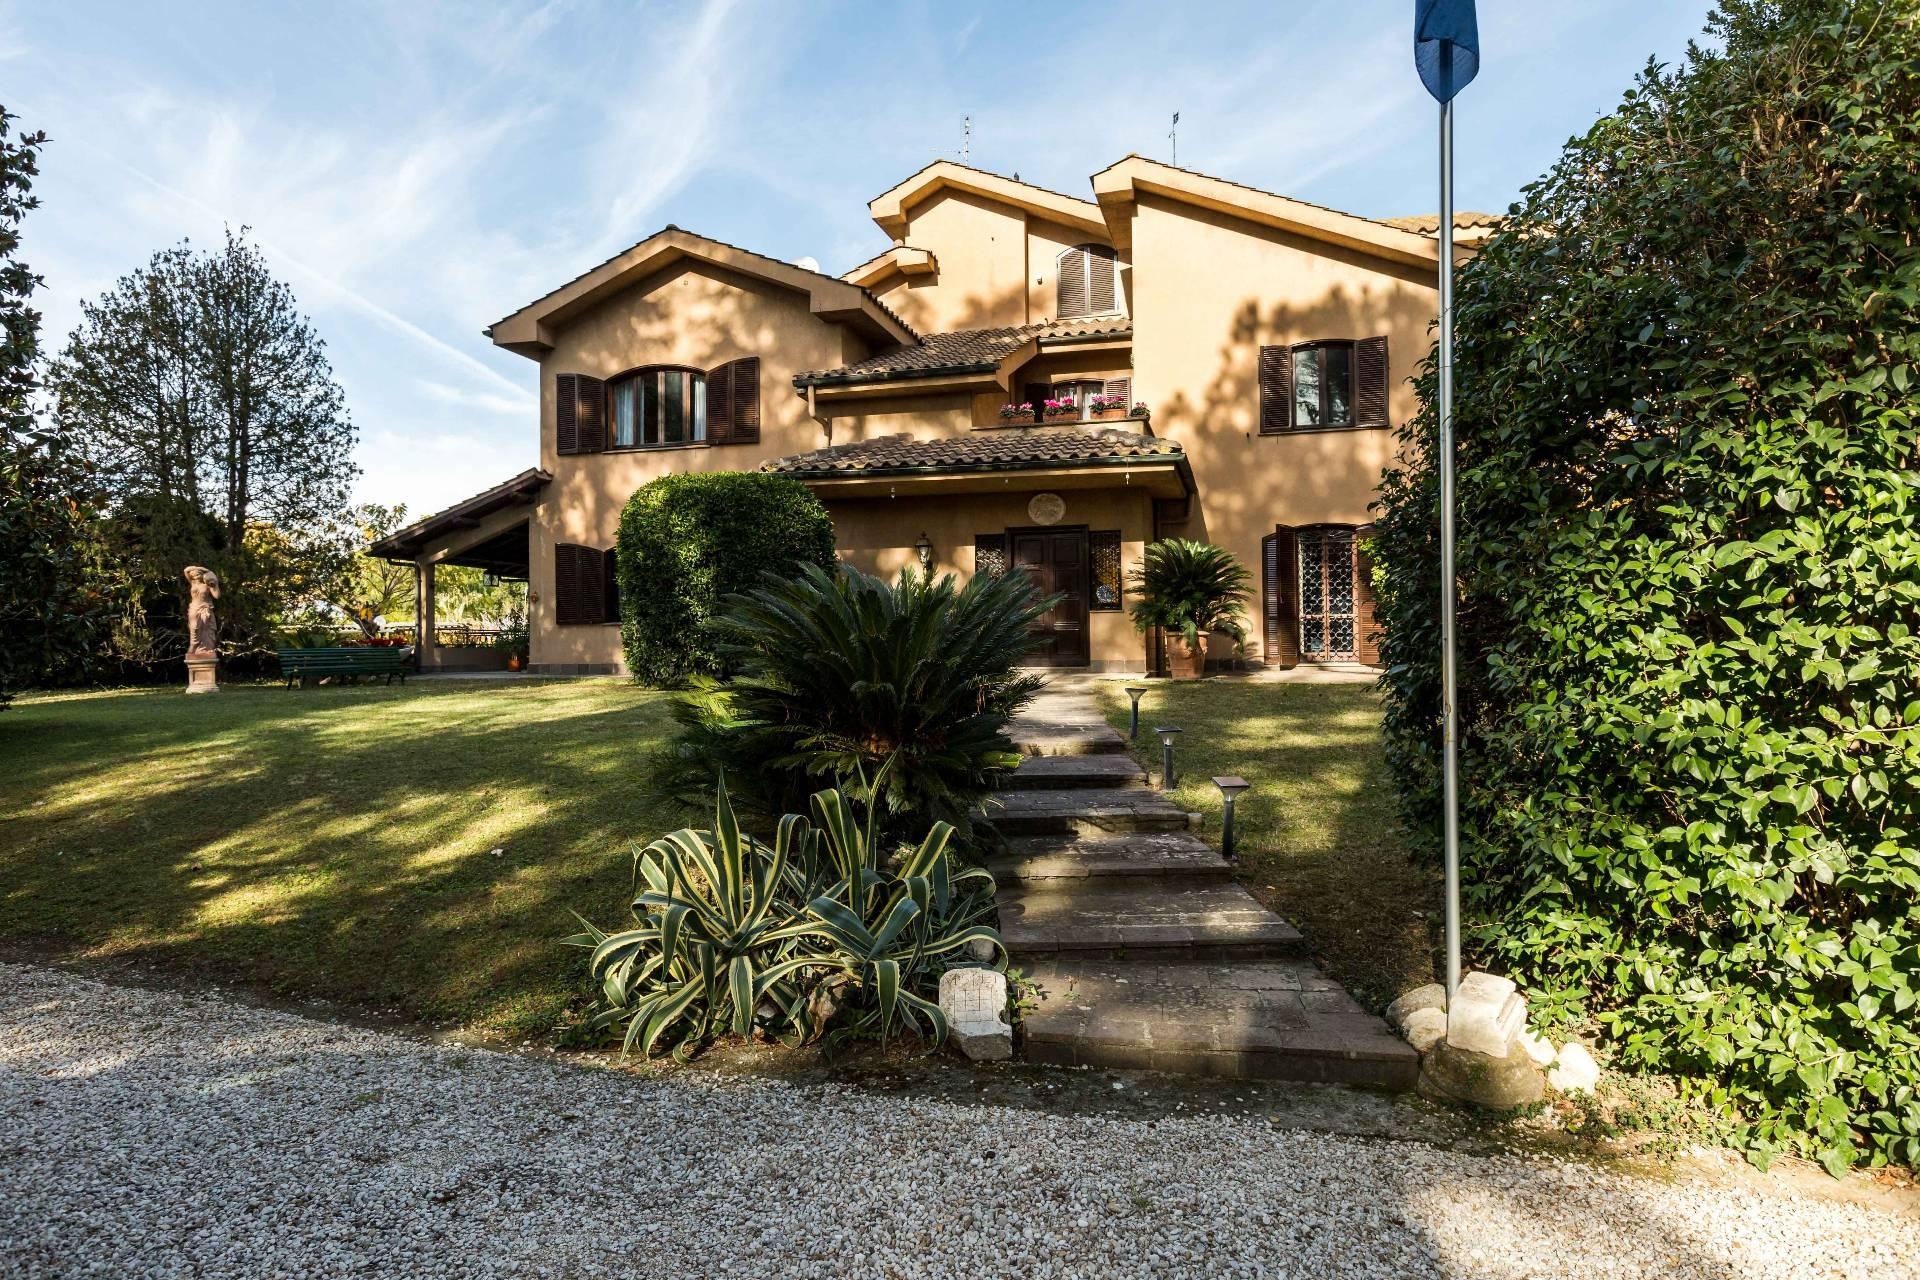 Cbi072 ex913 casa indipendente in vendita a roma for Casa roma vendita privati